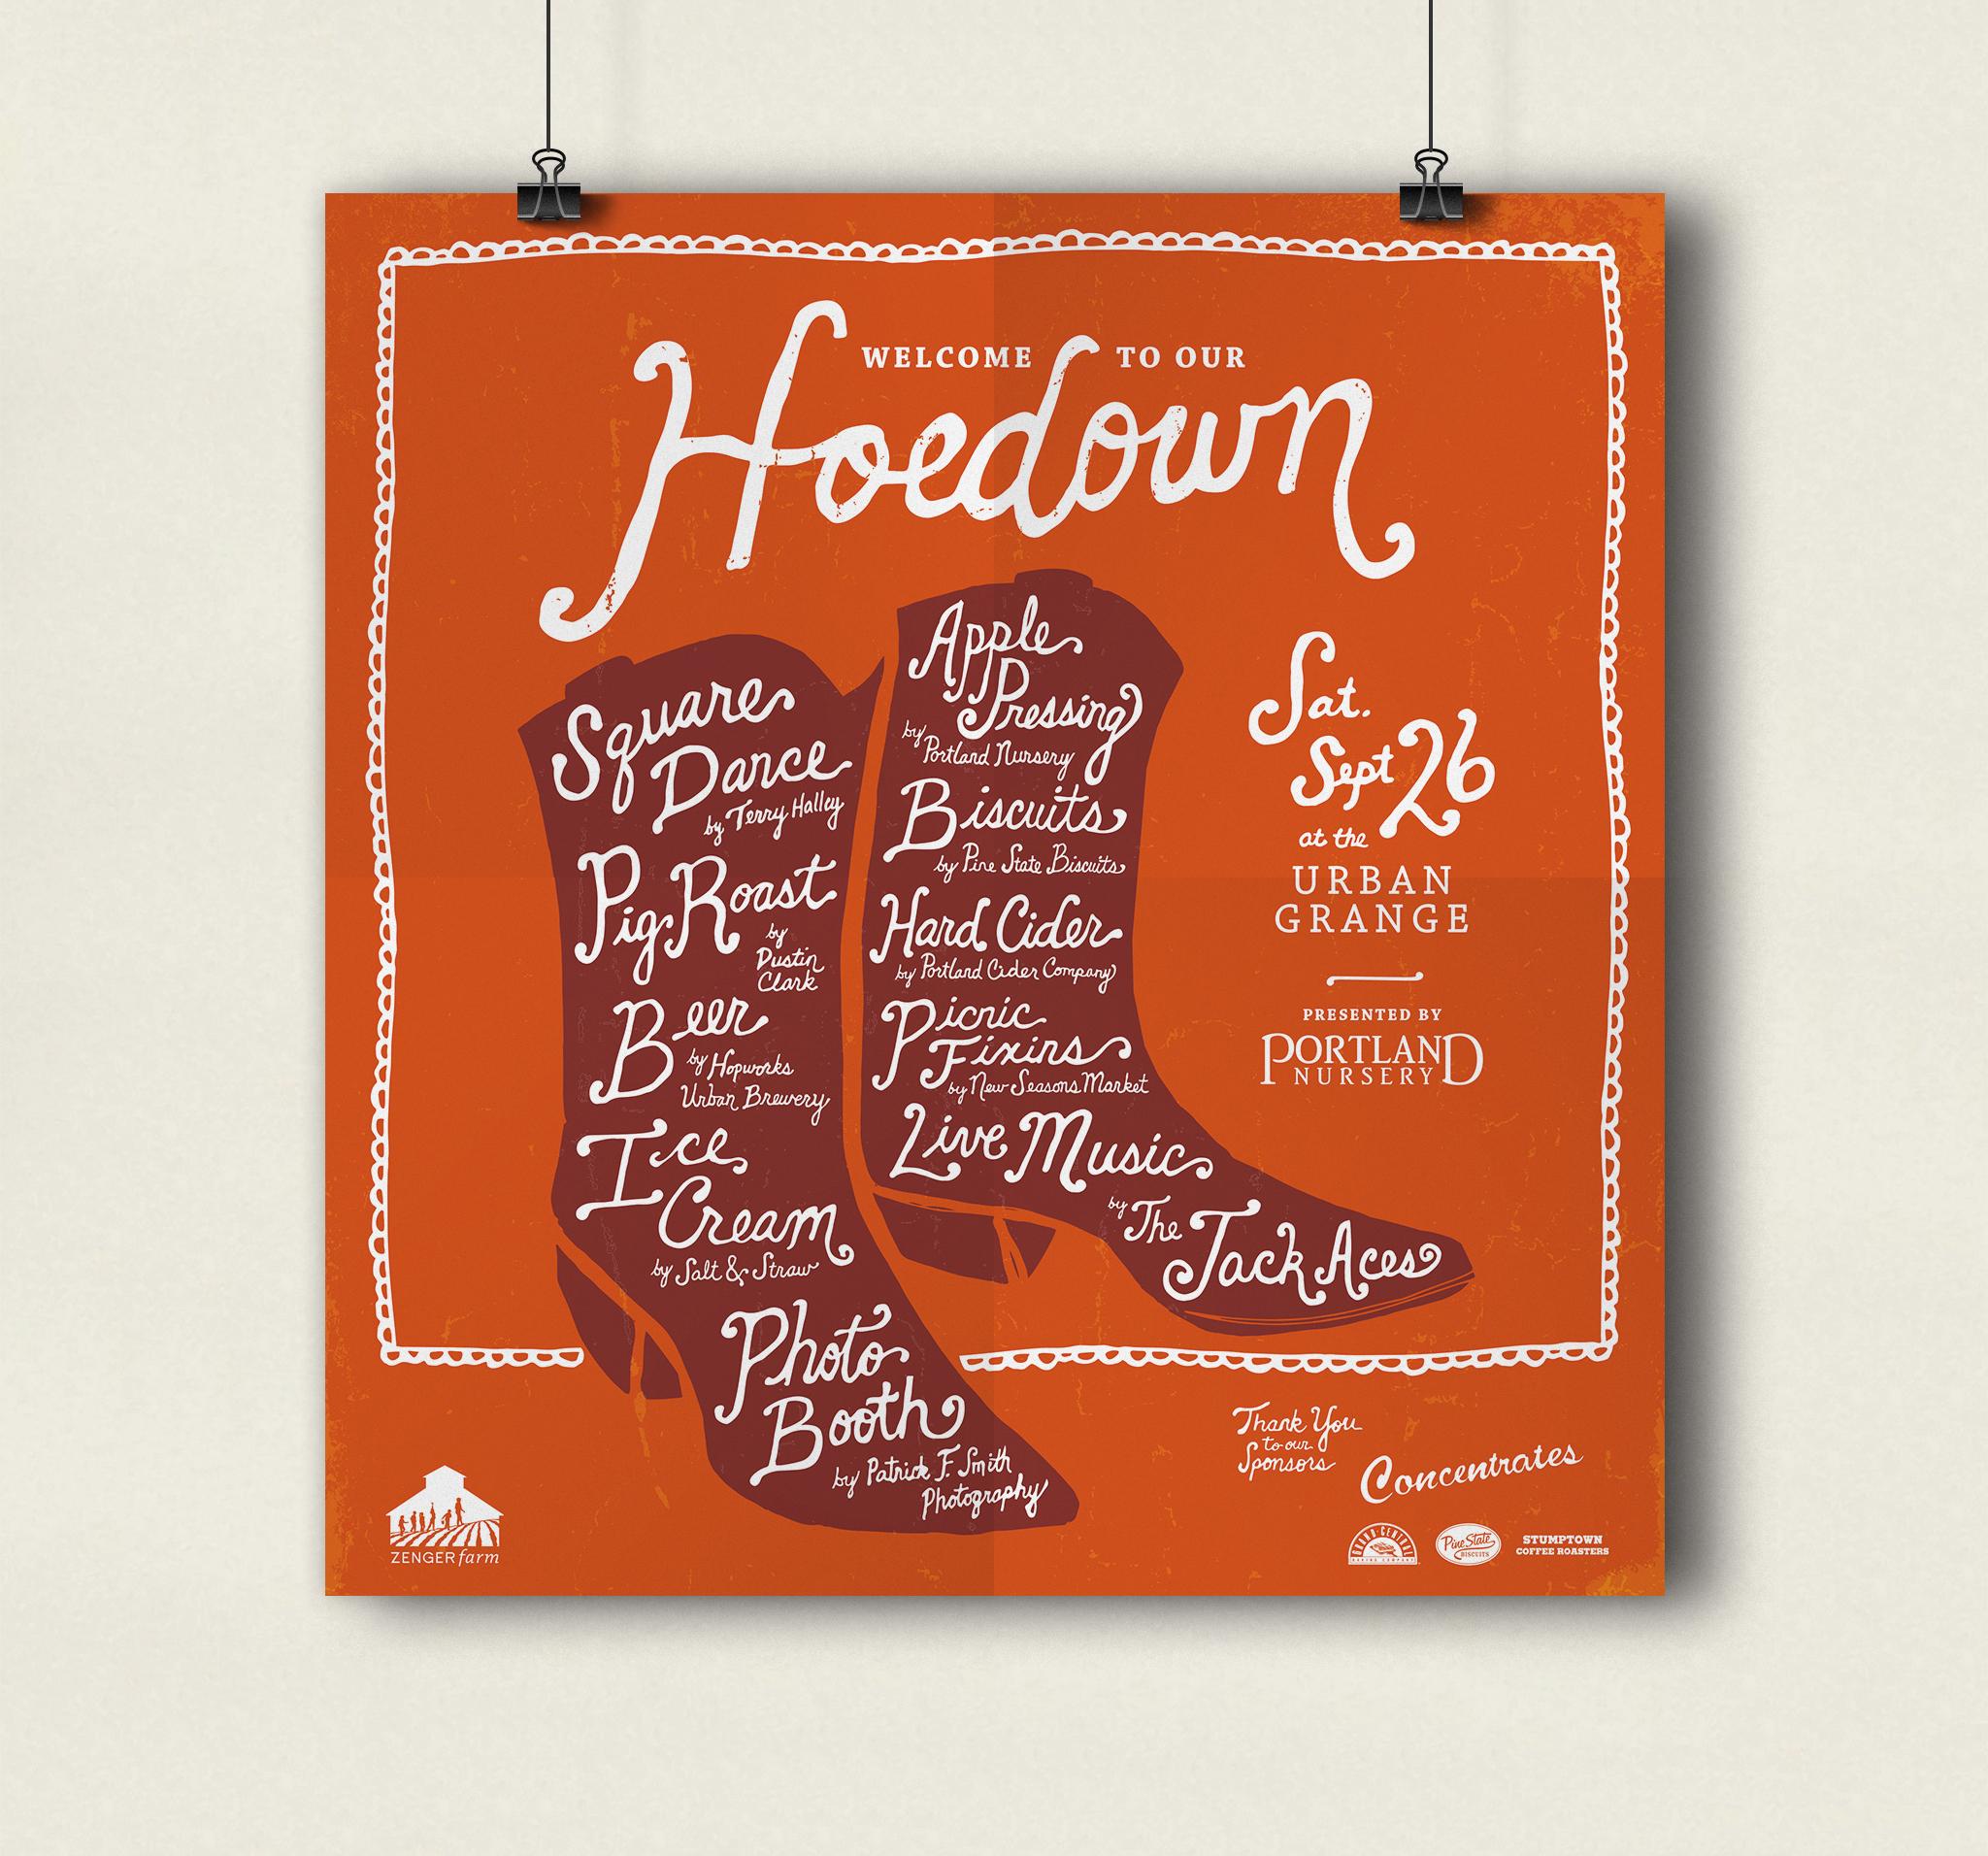 ZEN_Hoedown_Poster